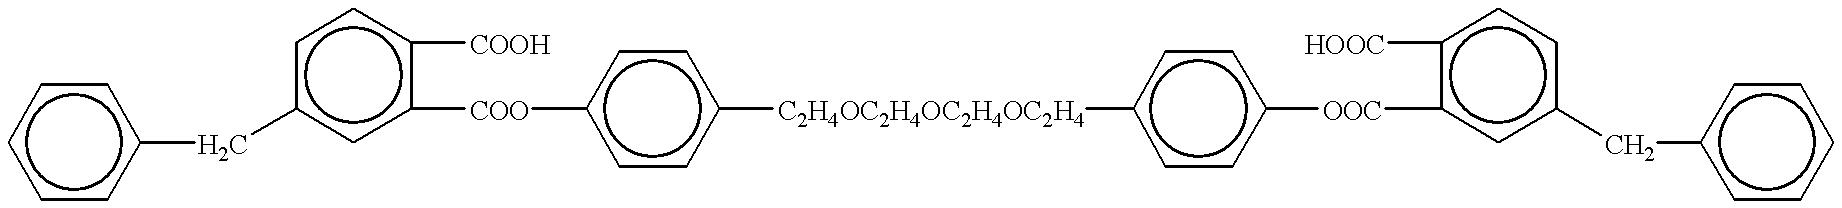 Figure US06180560-20010130-C00226